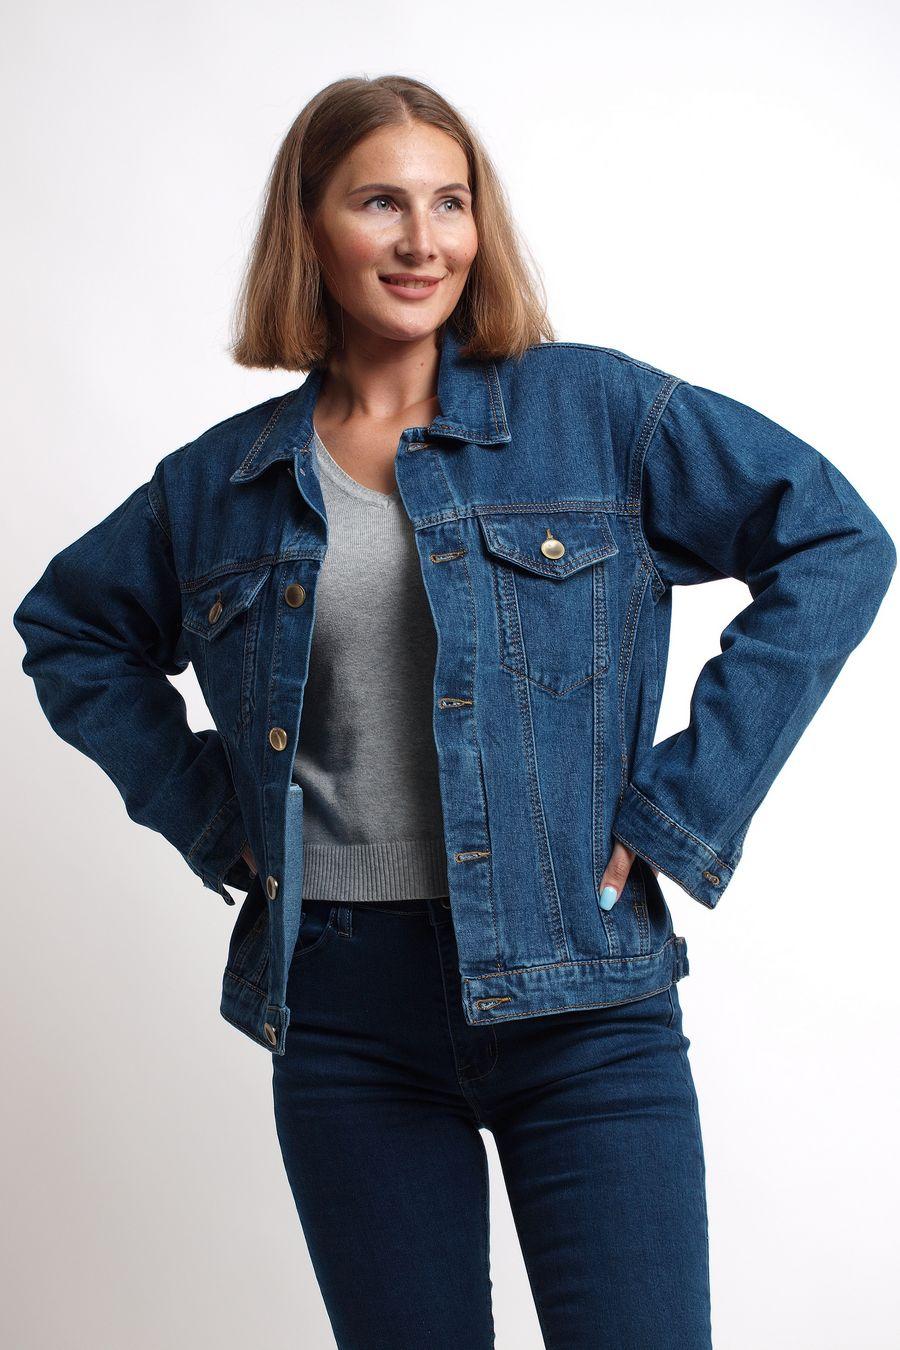 Пиджак женский (джинсовка) K.Y Jeans 292 - фото 1